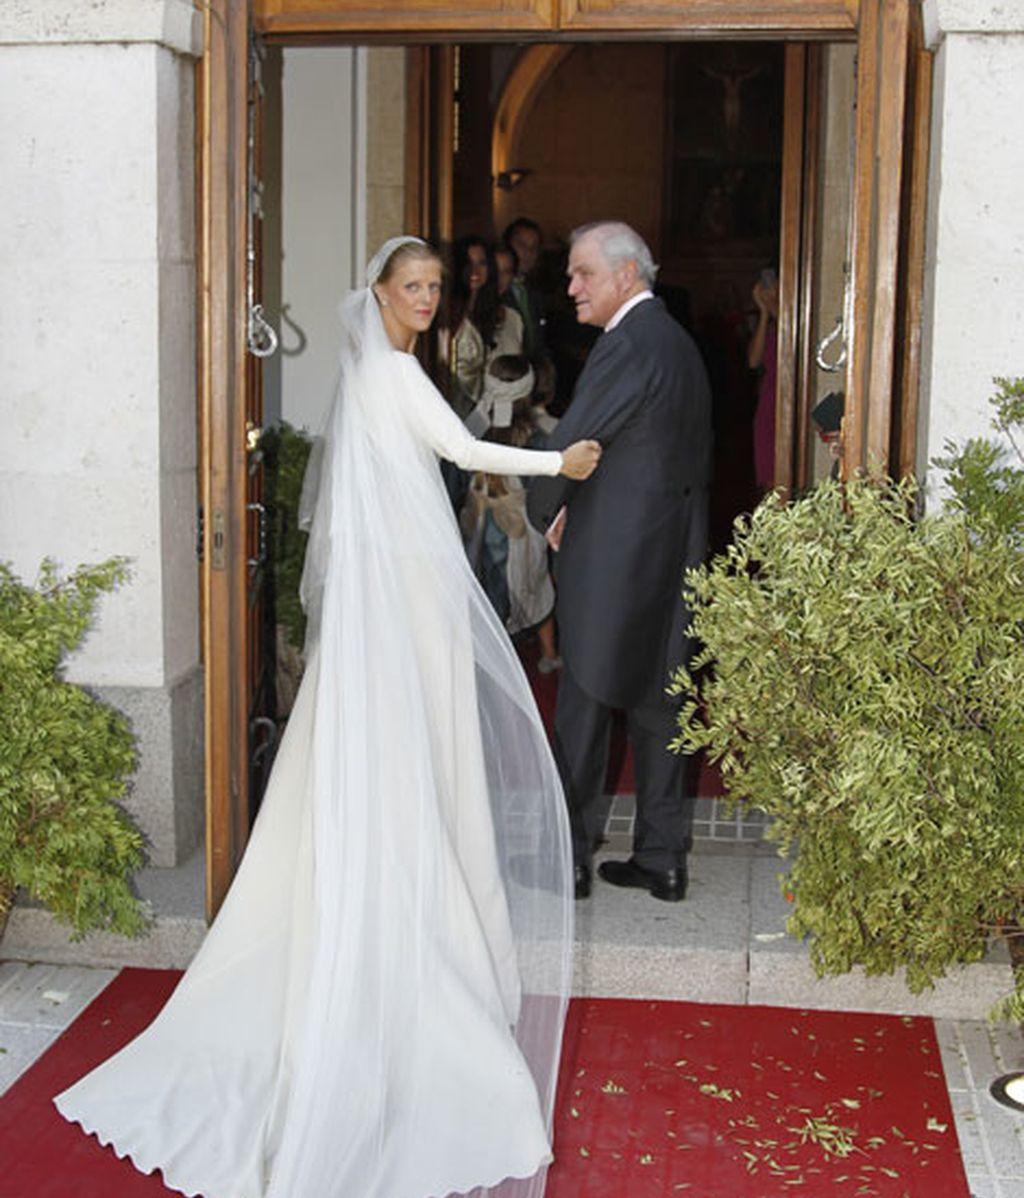 Ramón Calderón acompañando a la novia al altar